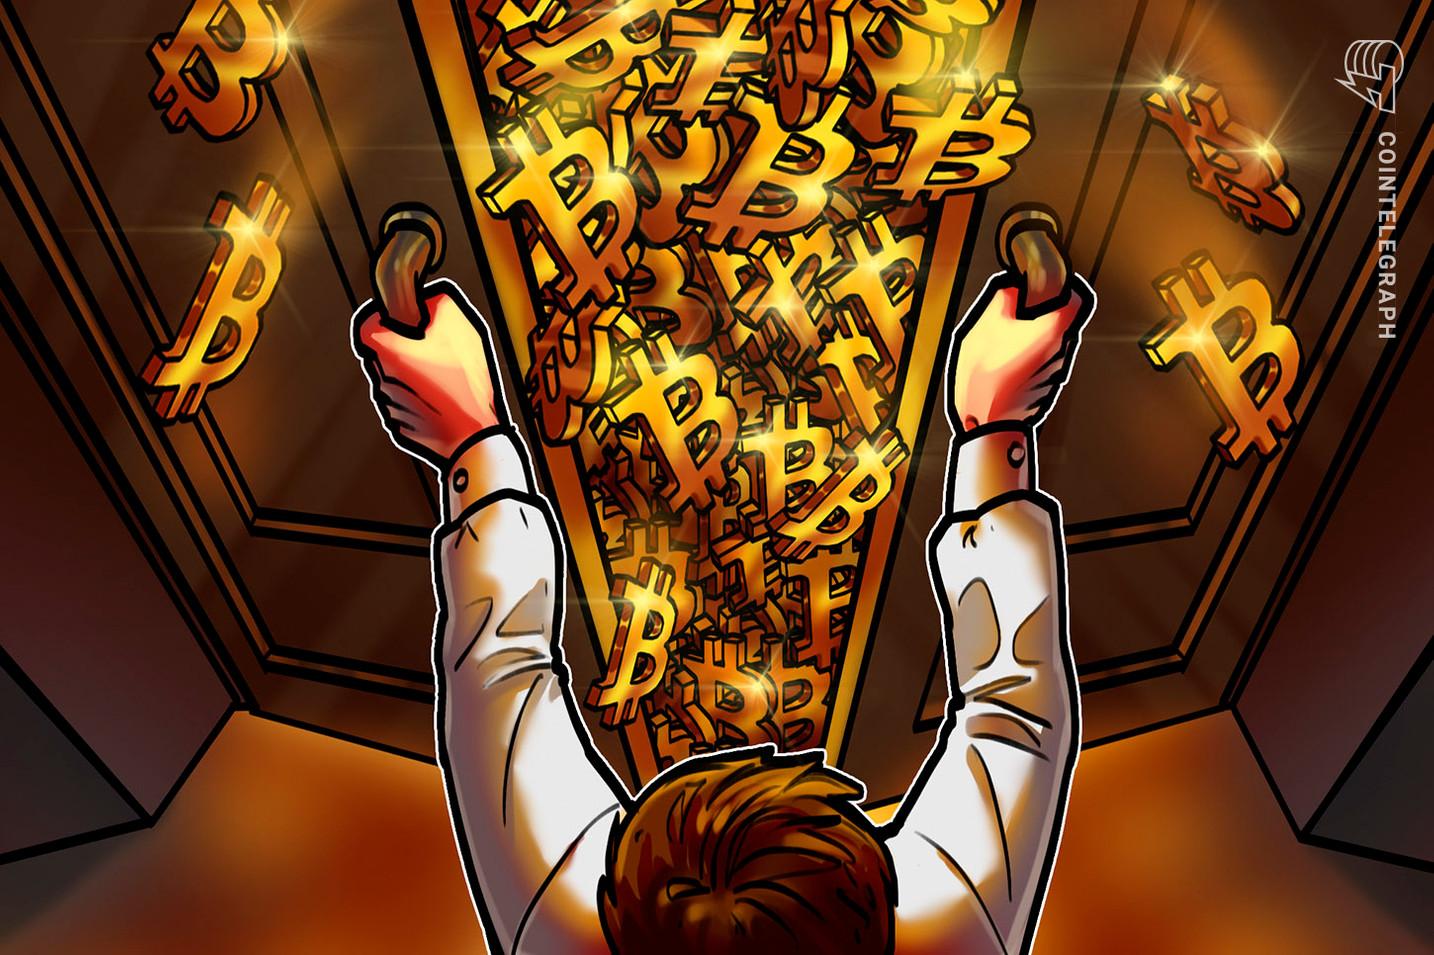 La capitalización de mercado de Bitcoin vuelve a superar la masa monetaria M1 de Canadá